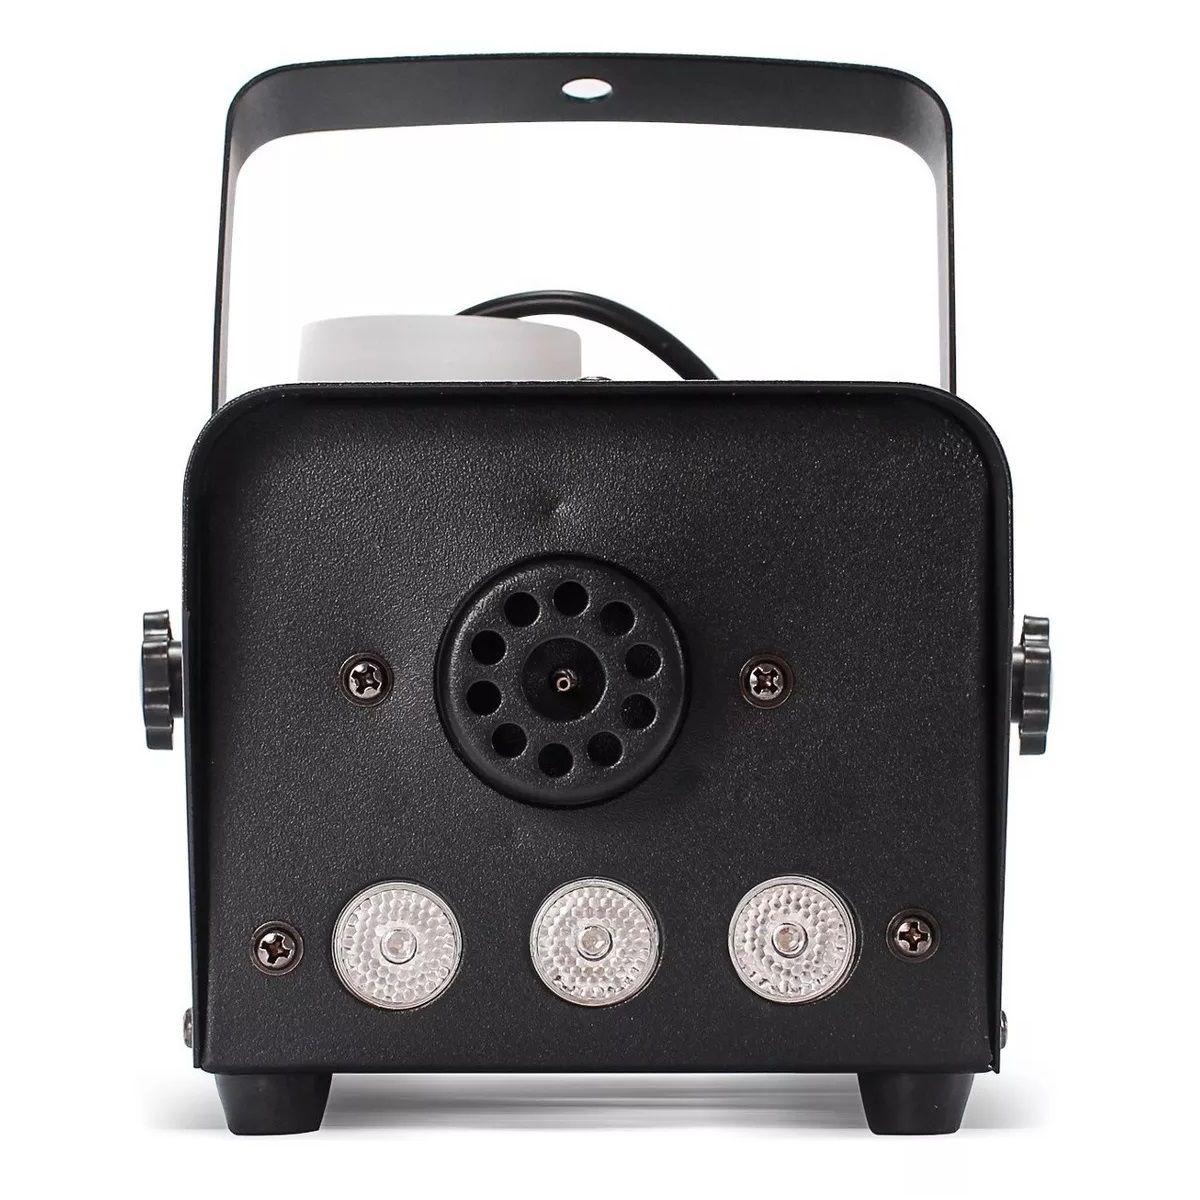 Kit Luz Canhão Led Par 64 RGB 36 Leds + Máquina de Fumaça 600W 3 Leds RGB - HL-36P+XH-600W